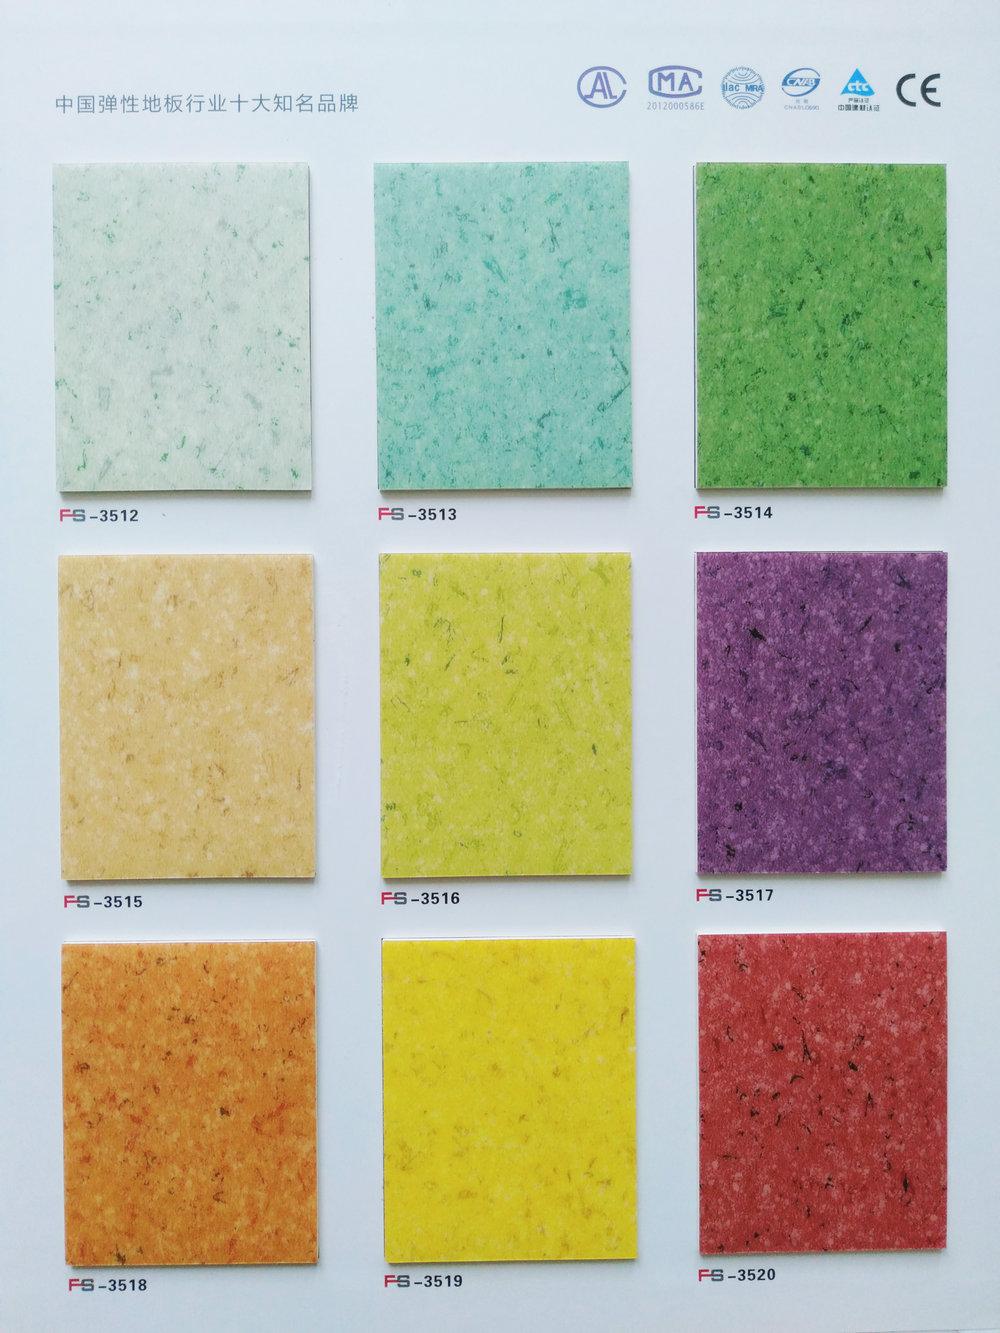 金彩地板-新金博PVC塑胶地板系列